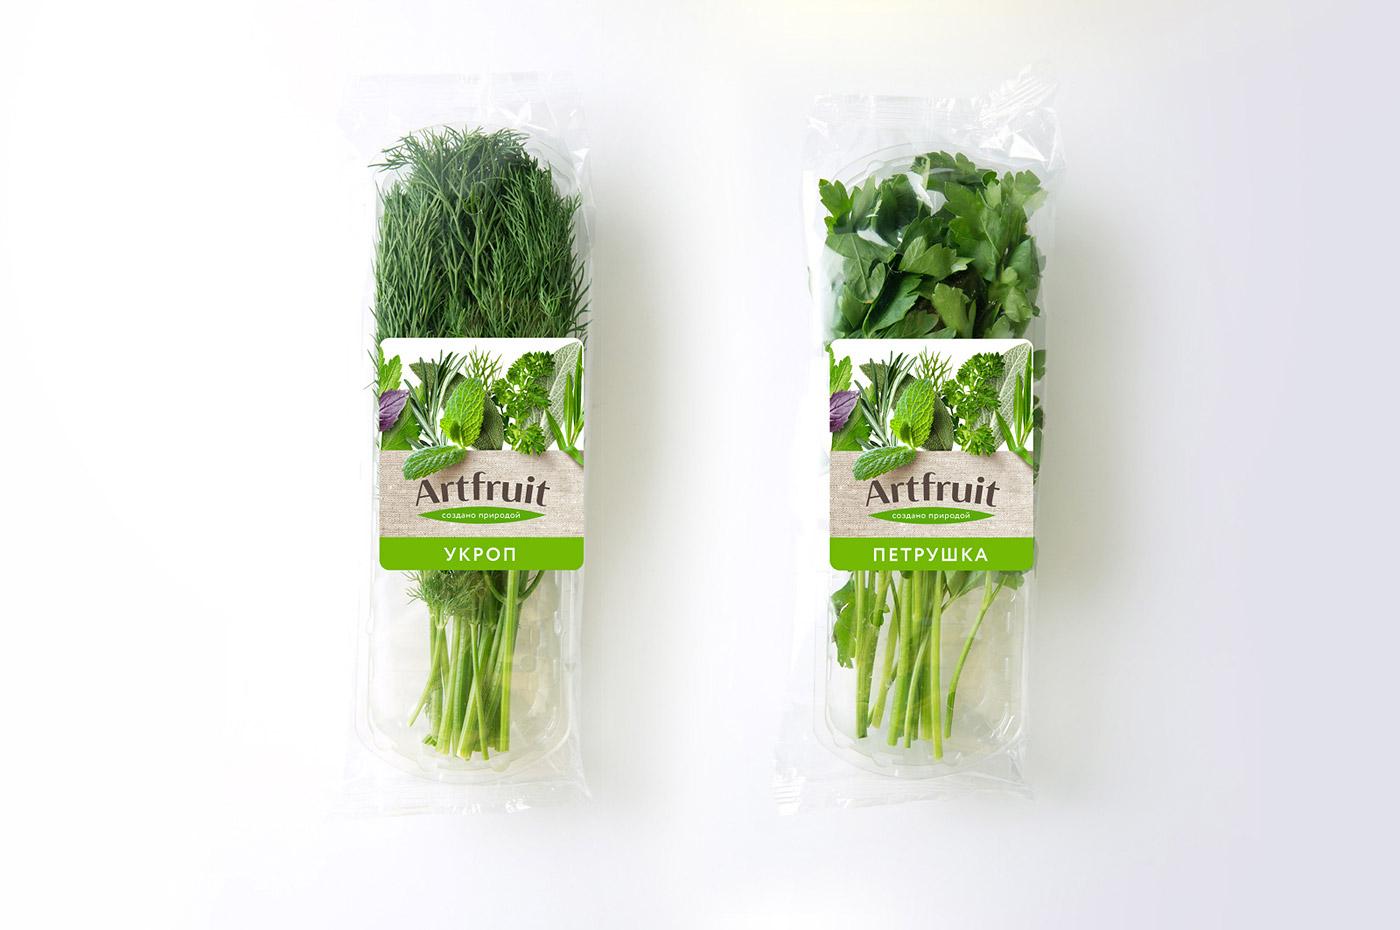 Дизайн упаковки и дизайн этикетки Artfruit